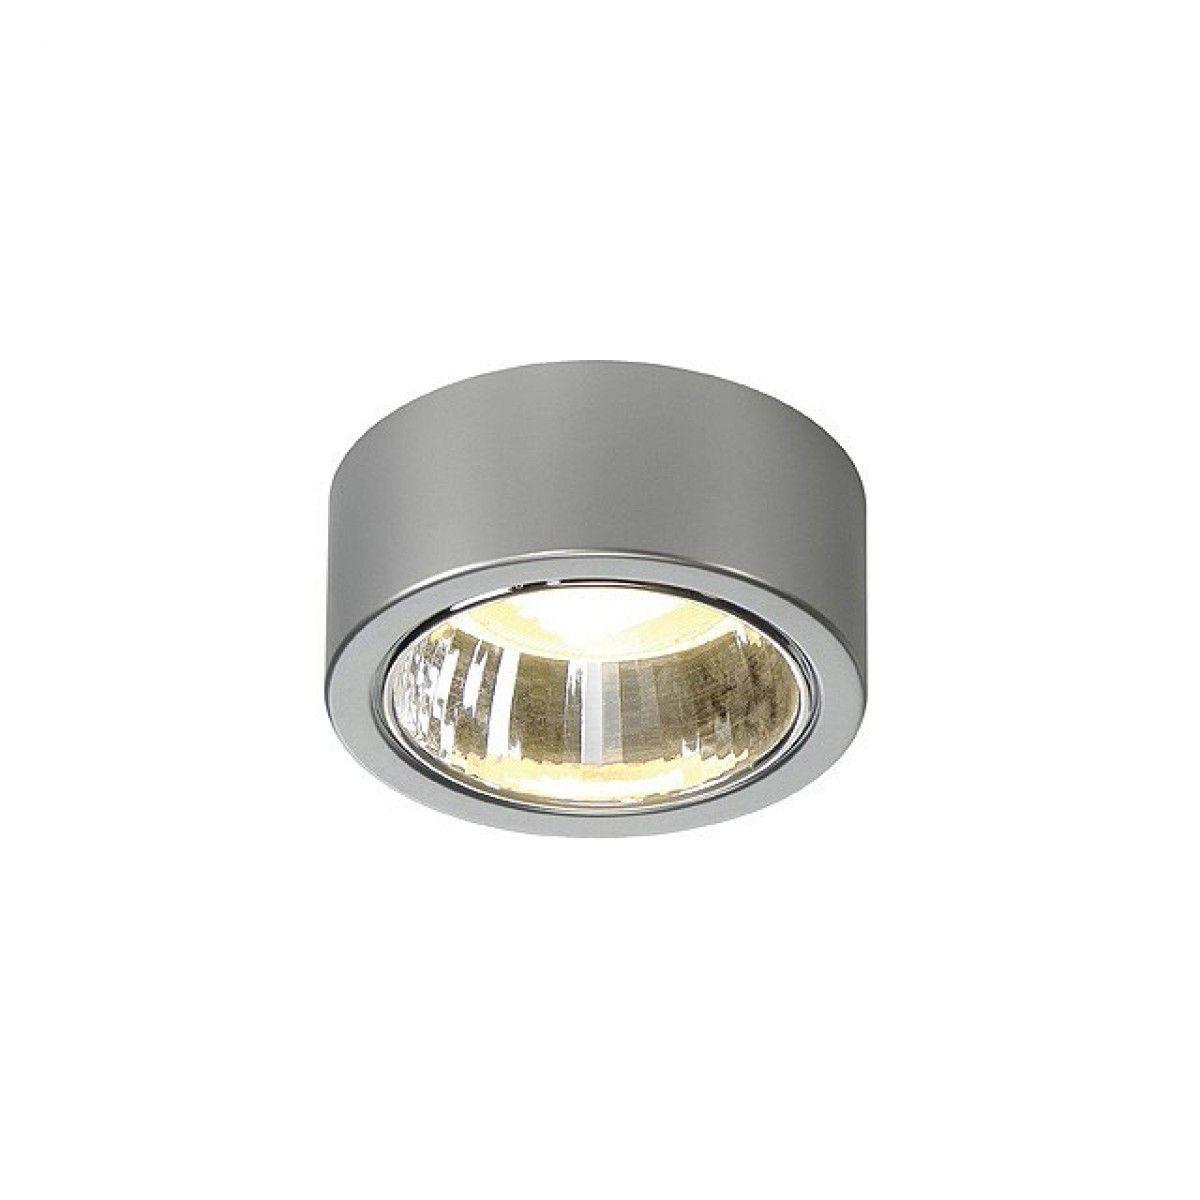 Inbouw en Opbouw Spots - Opbouwspot, CL 101 GX53, rond, zilver, max ...